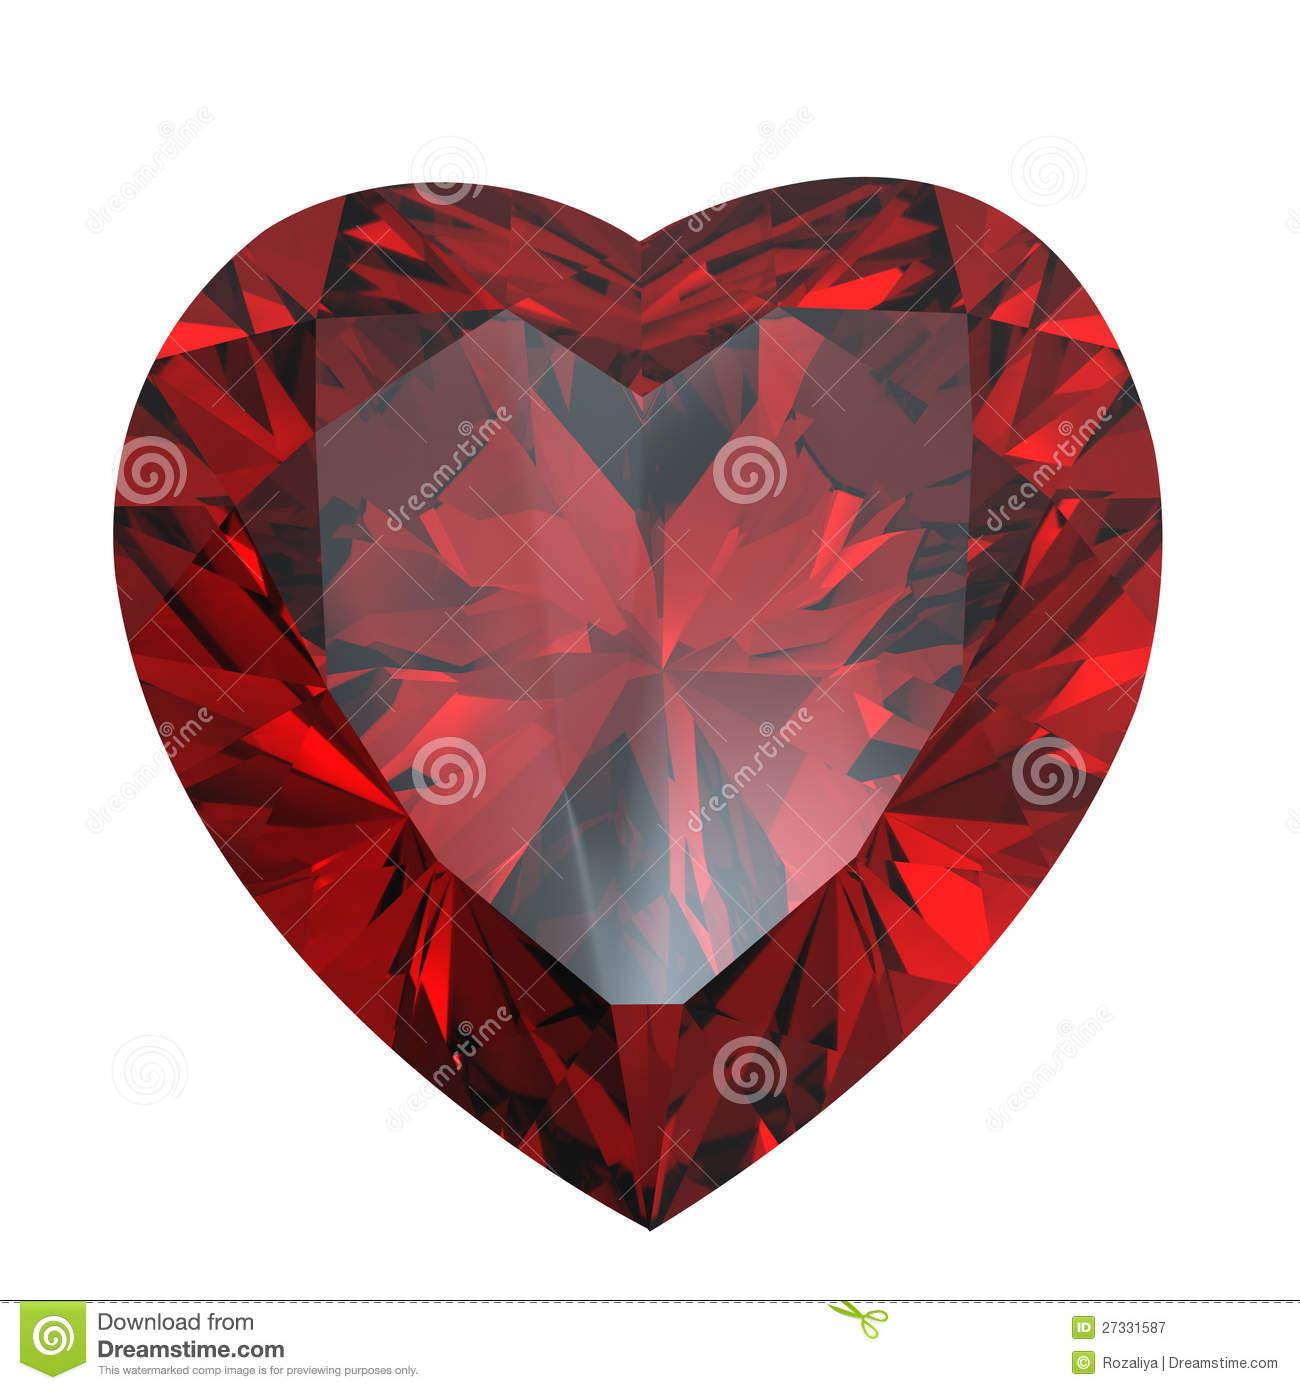 Heart-shaped clipart diamond shape Diamond isolated Heart shaped Heart